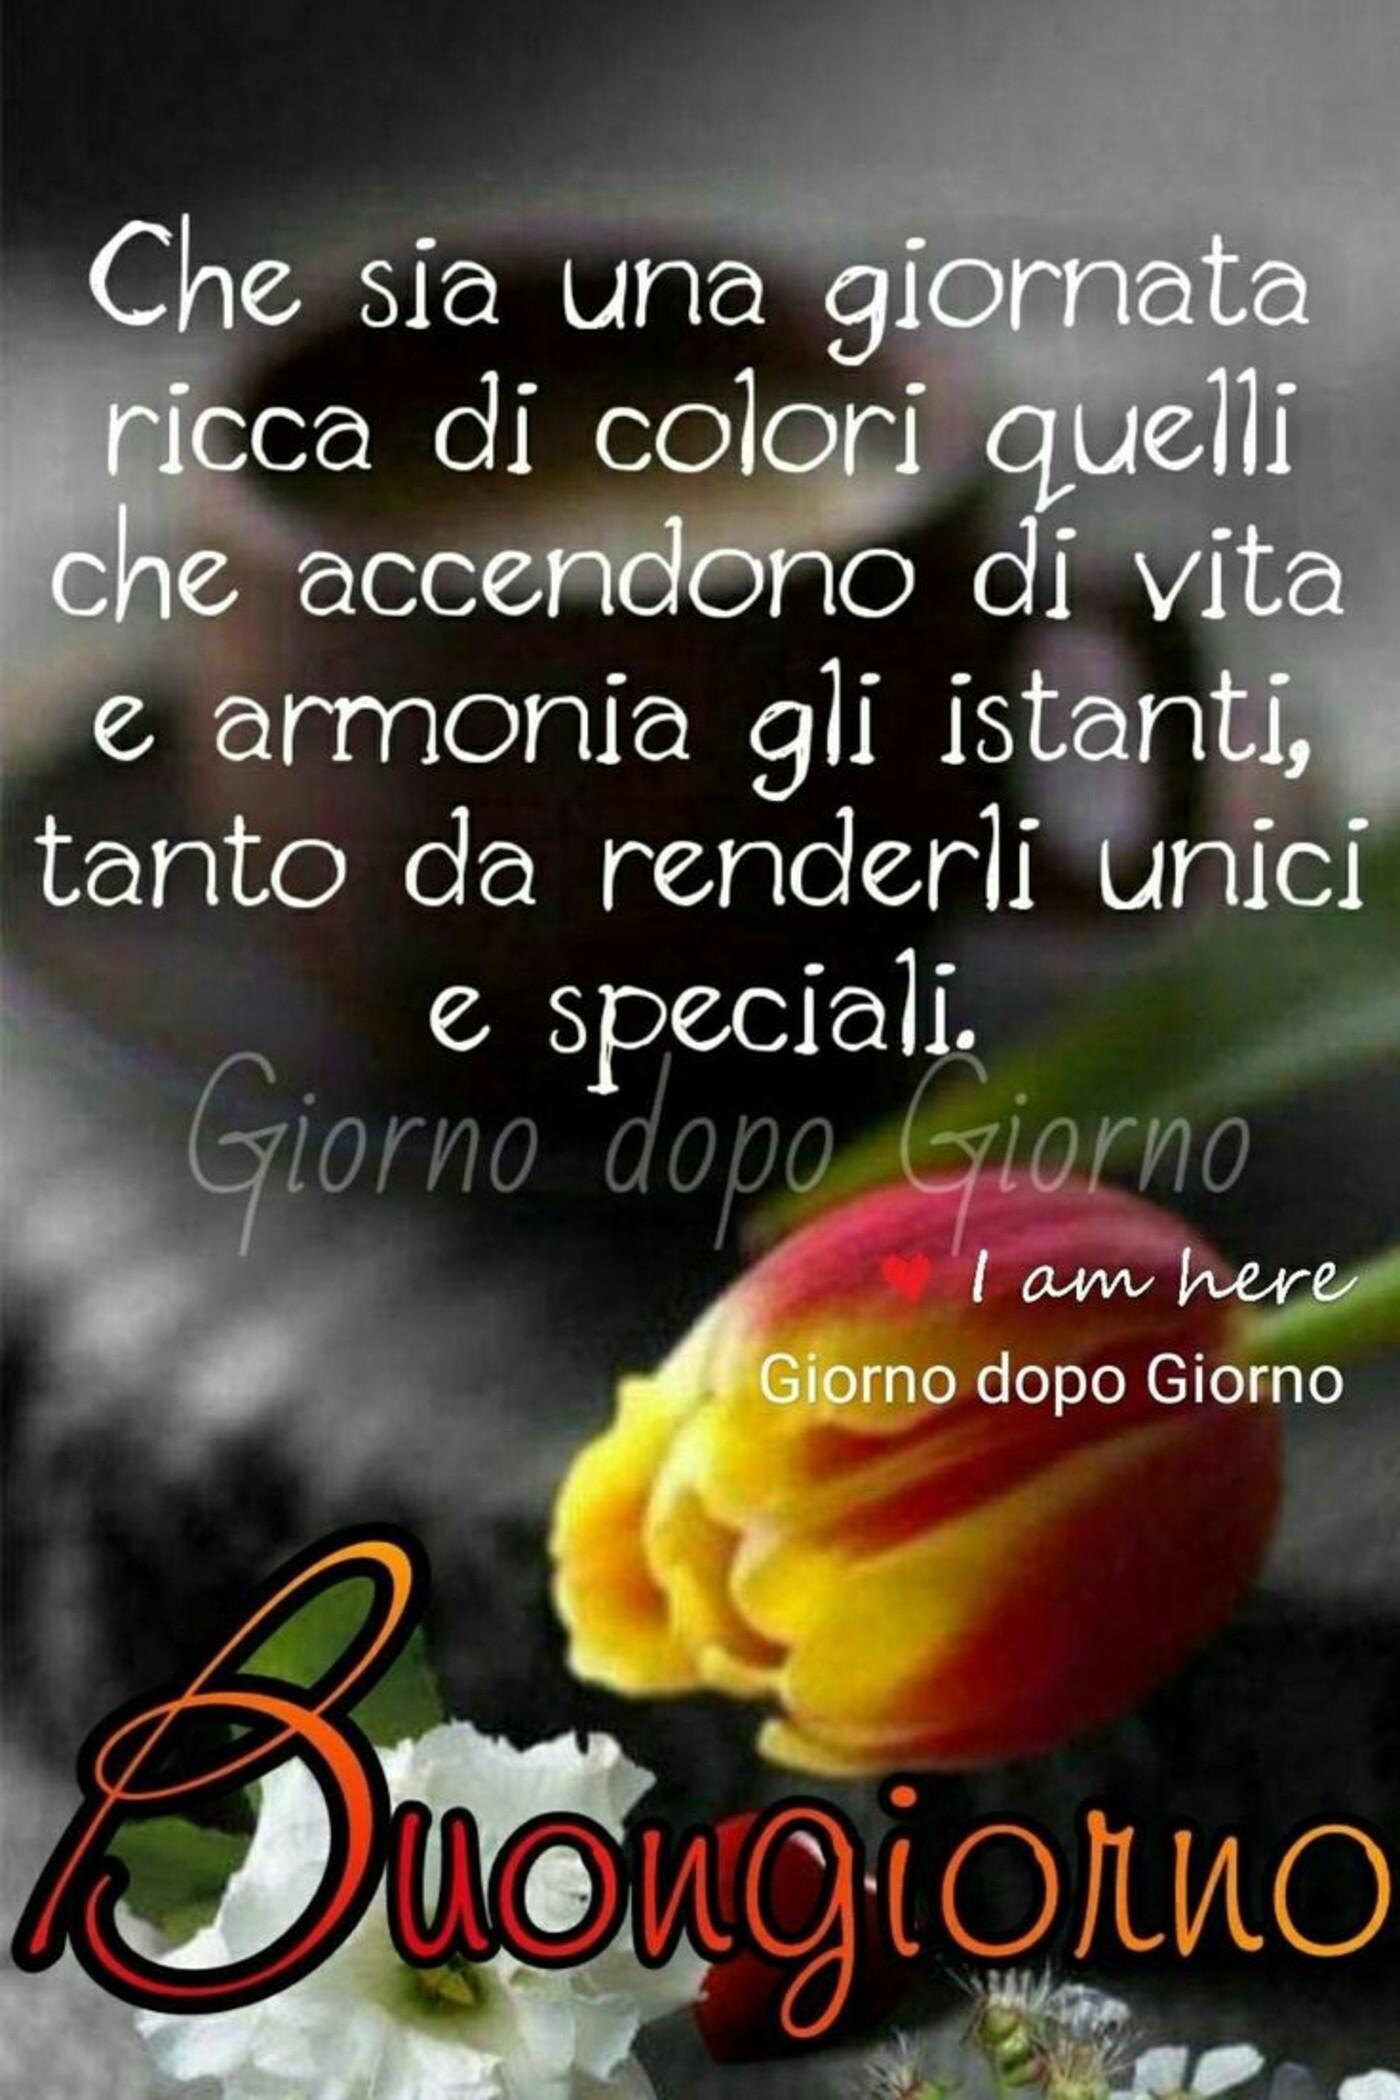 Che sia una giornata ricca di colori quelli che accendono la vita e armonia gli istanti, tanto da renderli unici e speciali. Buongiorno